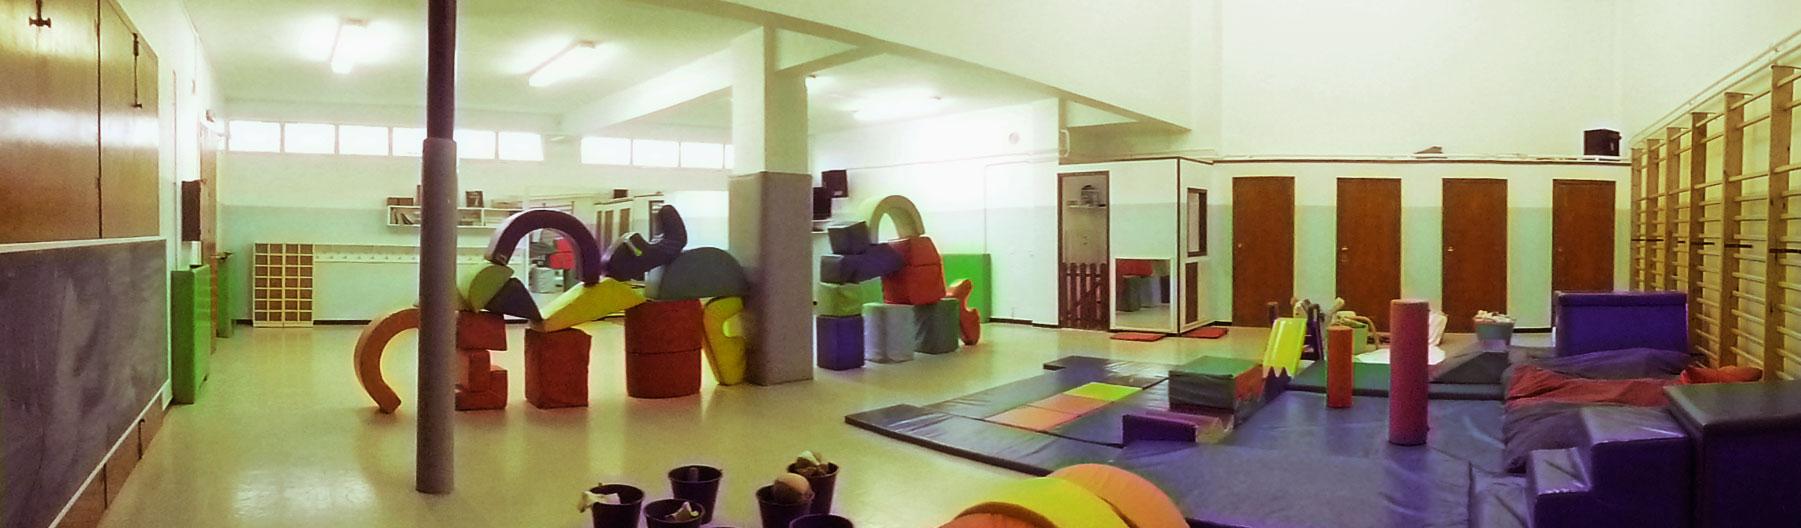 colegio-nino-jesus-instalaciones-aula-psicomotricidad